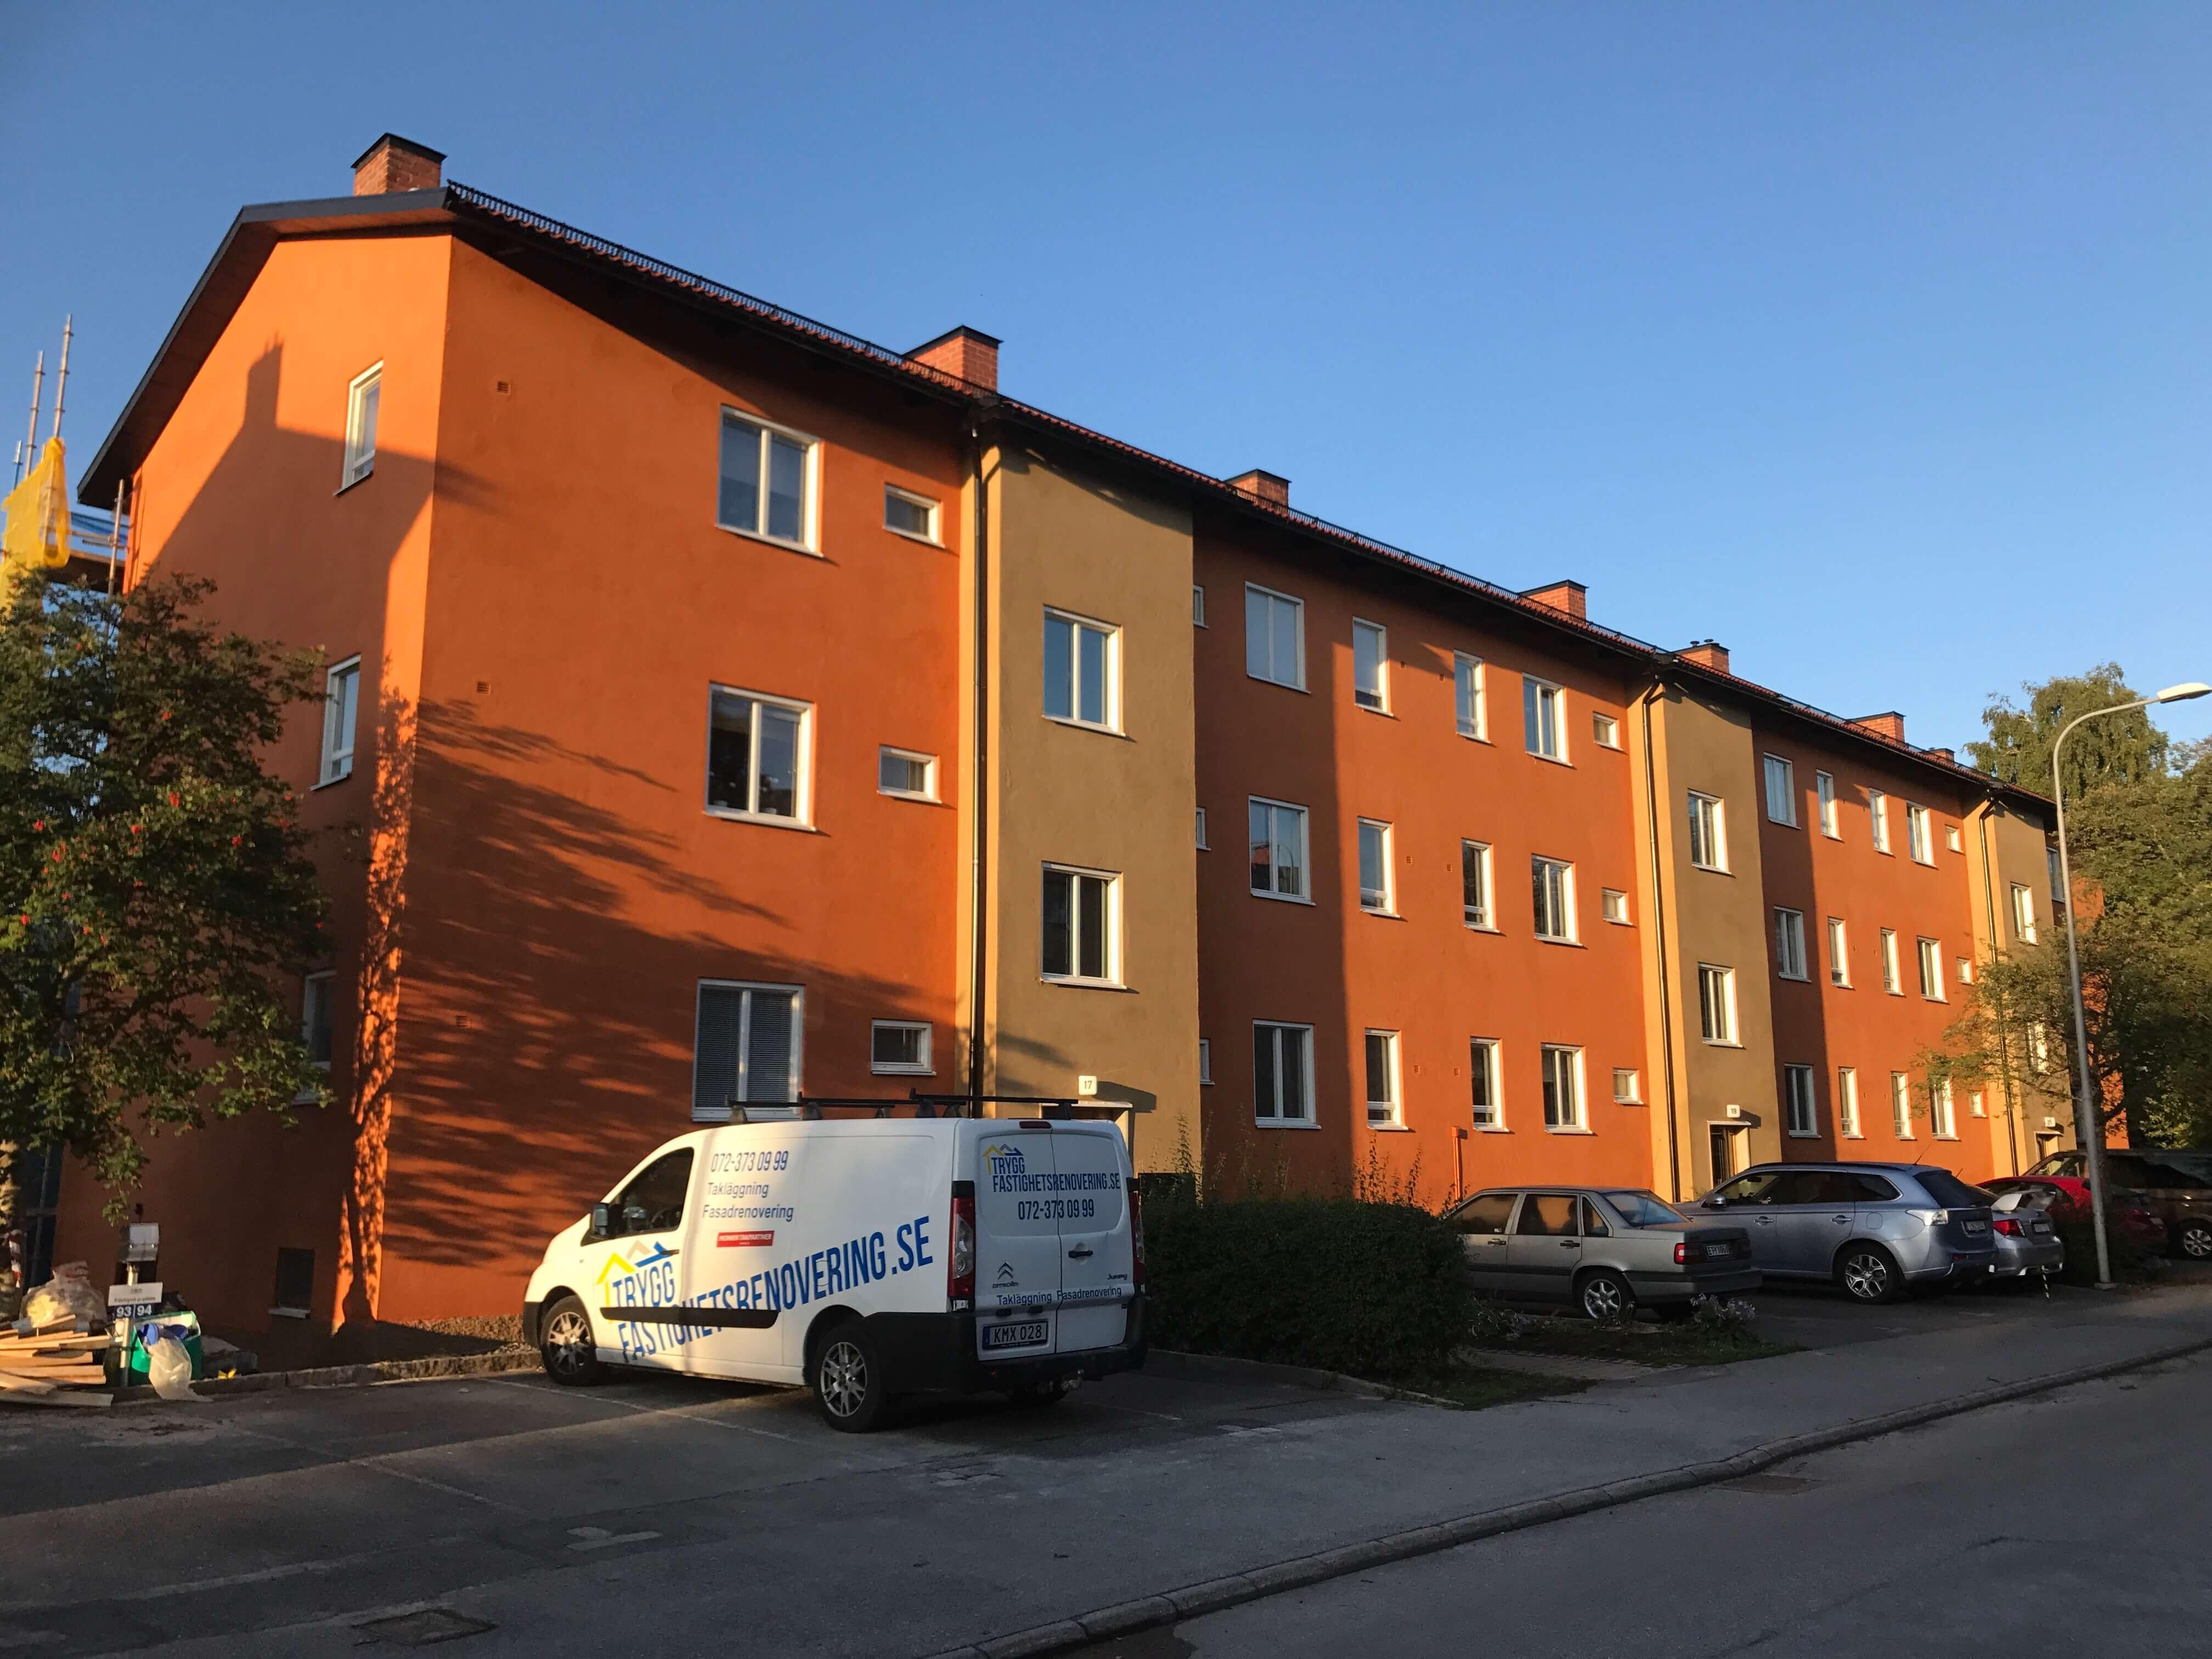 Fasadrenovering i Södertälje för BRF 2